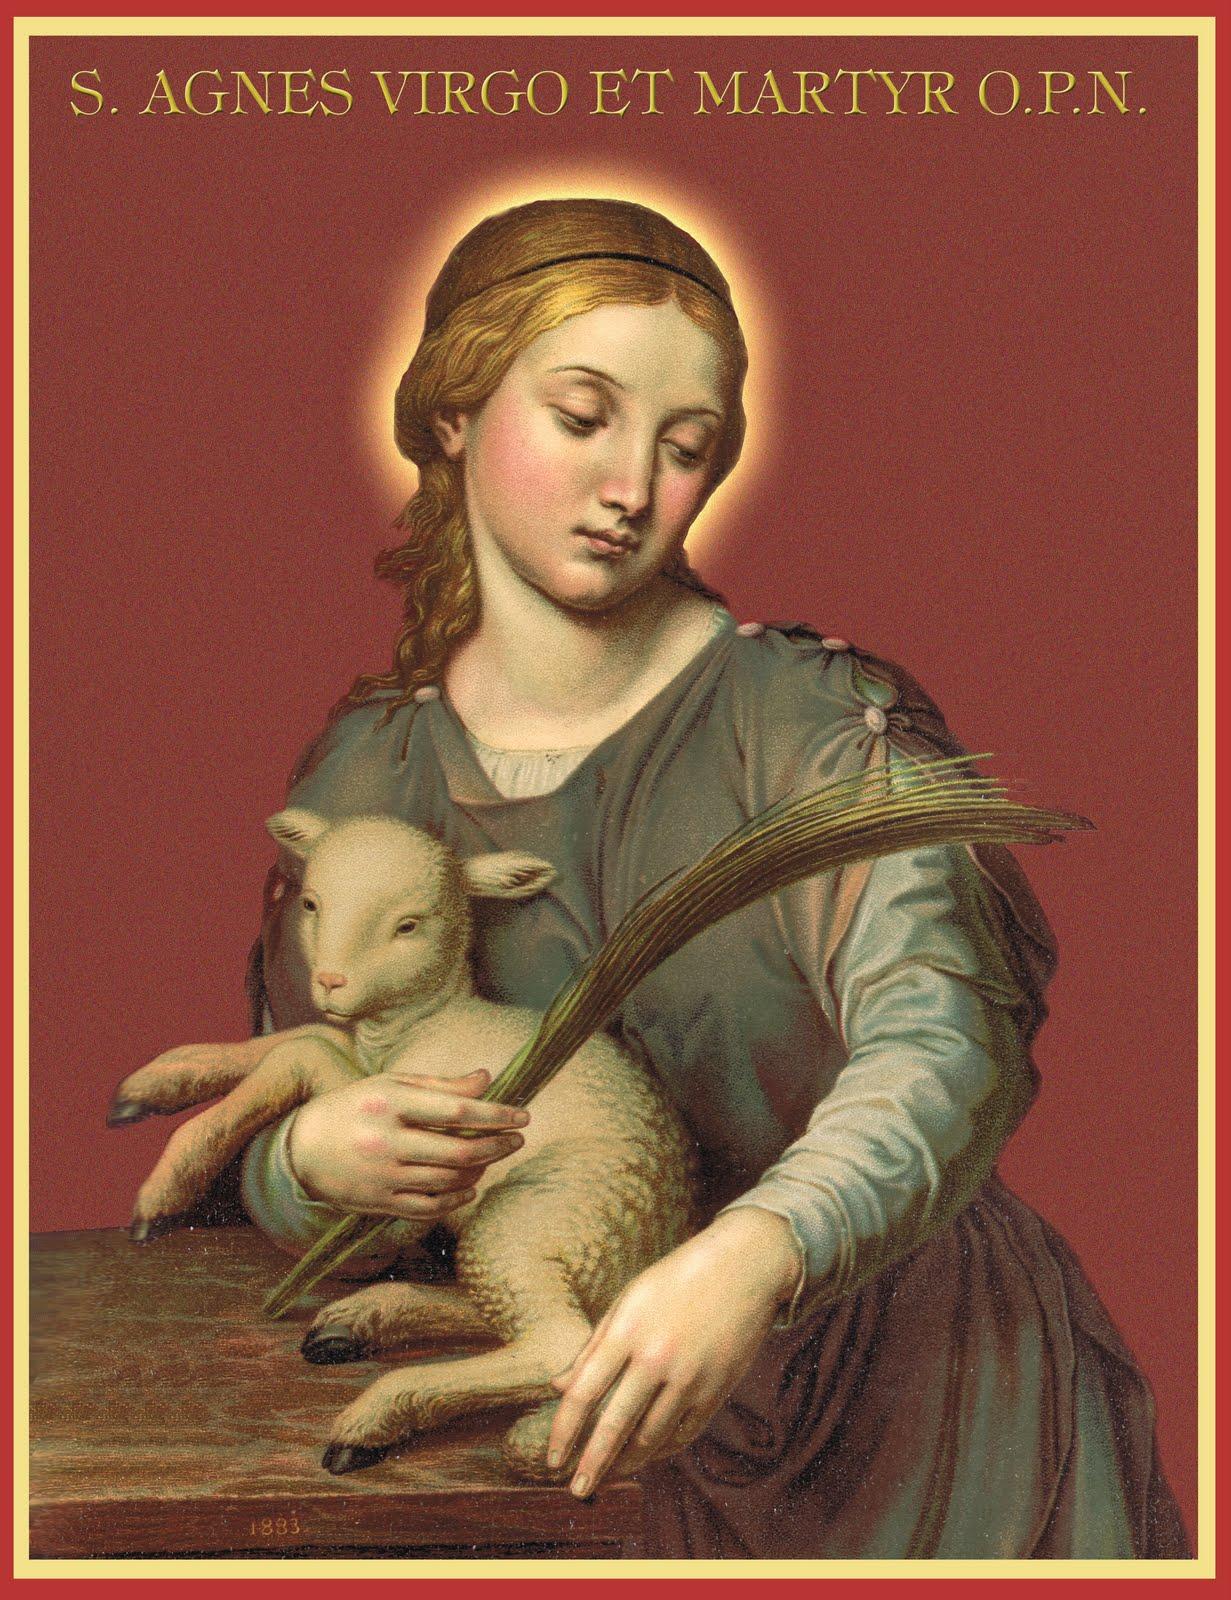 feast St. saint agnes lamb ambrose martyr martyrdom january 21